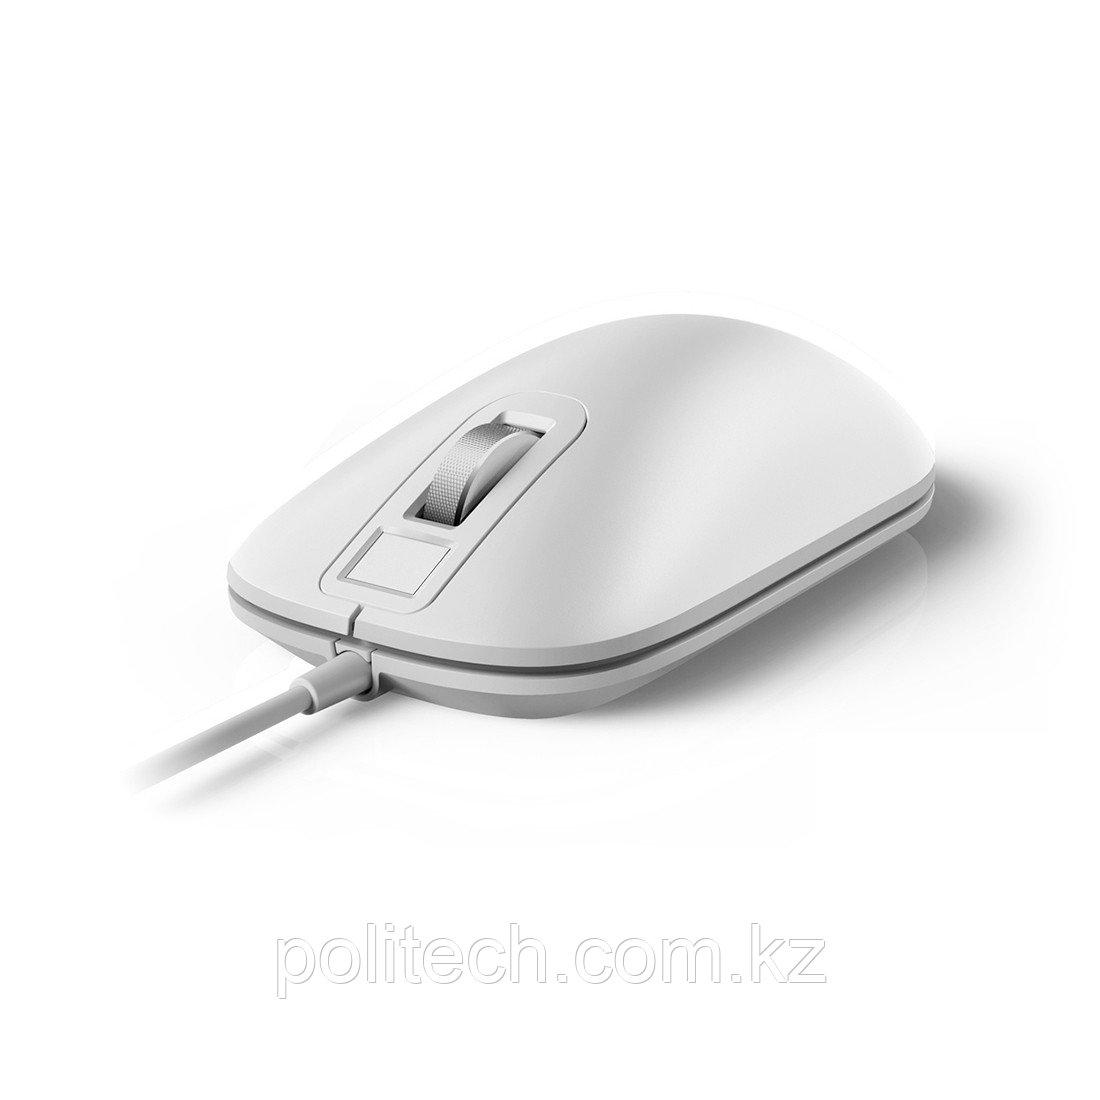 Проводная мышка Xiaomi Smart Fingerprint Mouse Белый